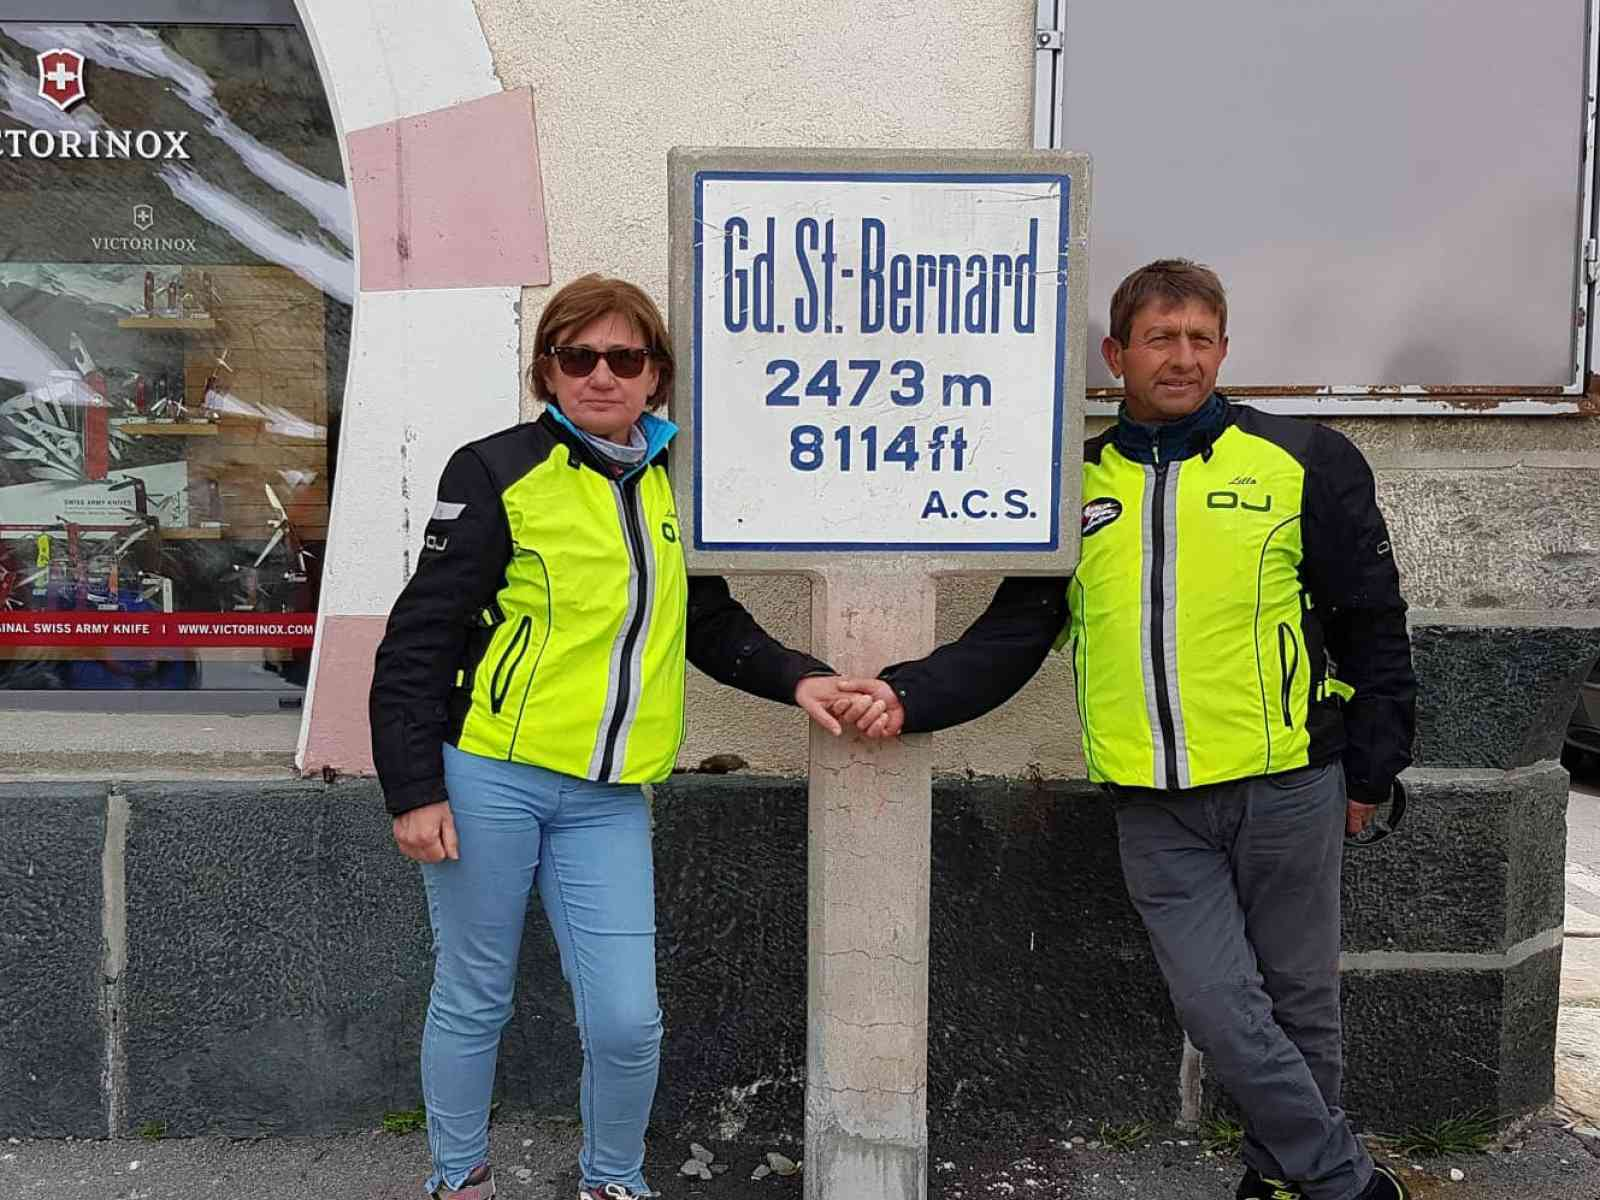 Immagine articolo: Giro d'Italia in moto per il menfitano Lillo Di Carlo insieme alla moglie. Quando le due ruote sono passione e condivisione